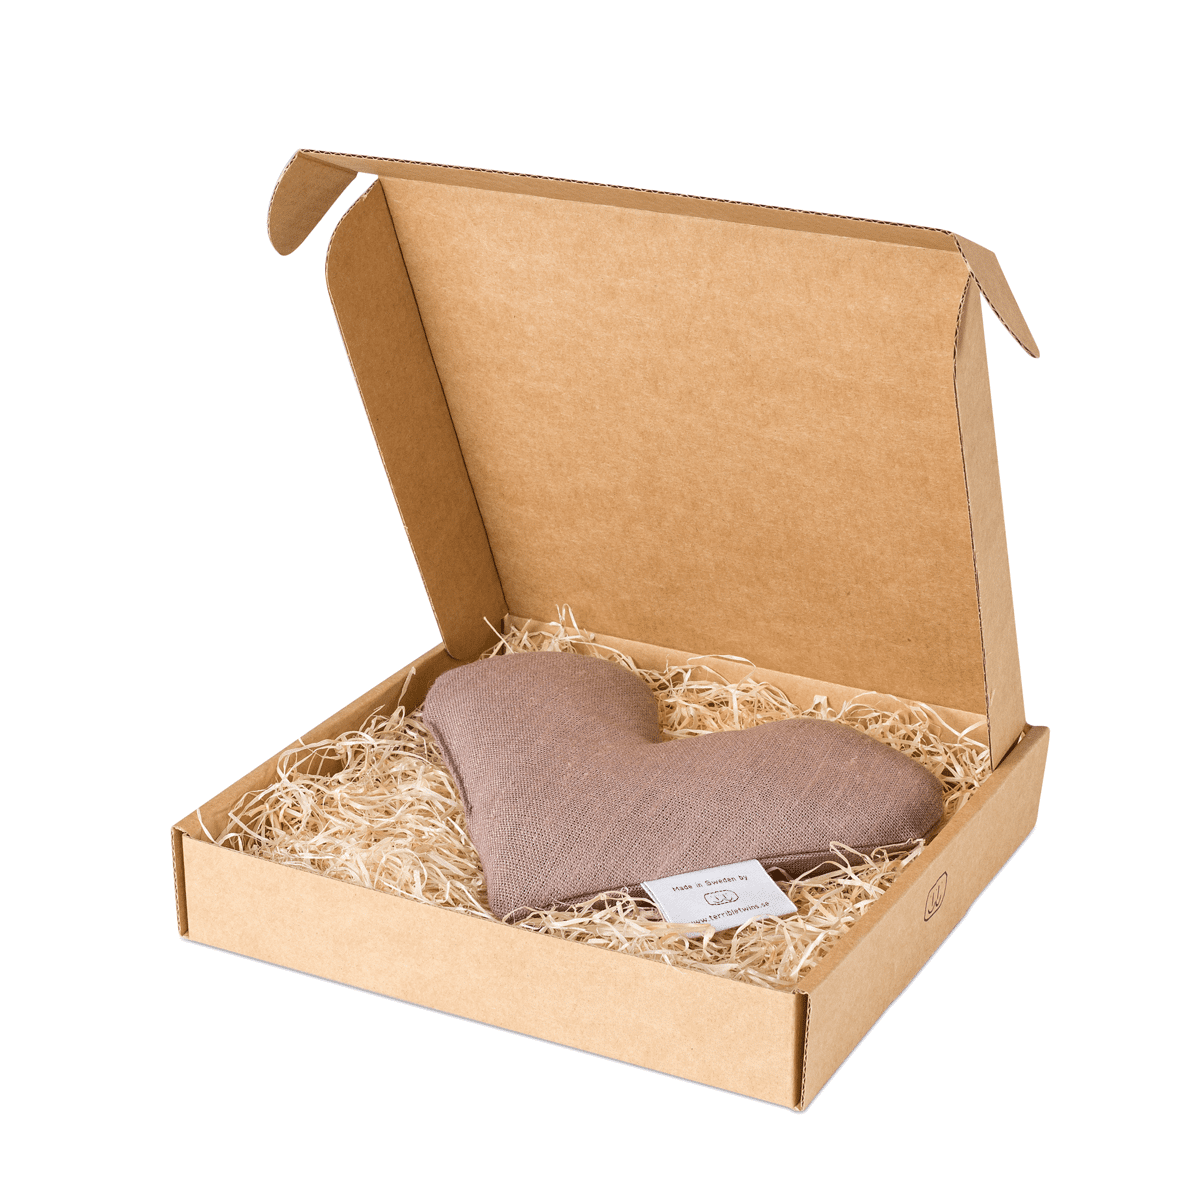 Nougat sweetheart vetevärmare i förpackning